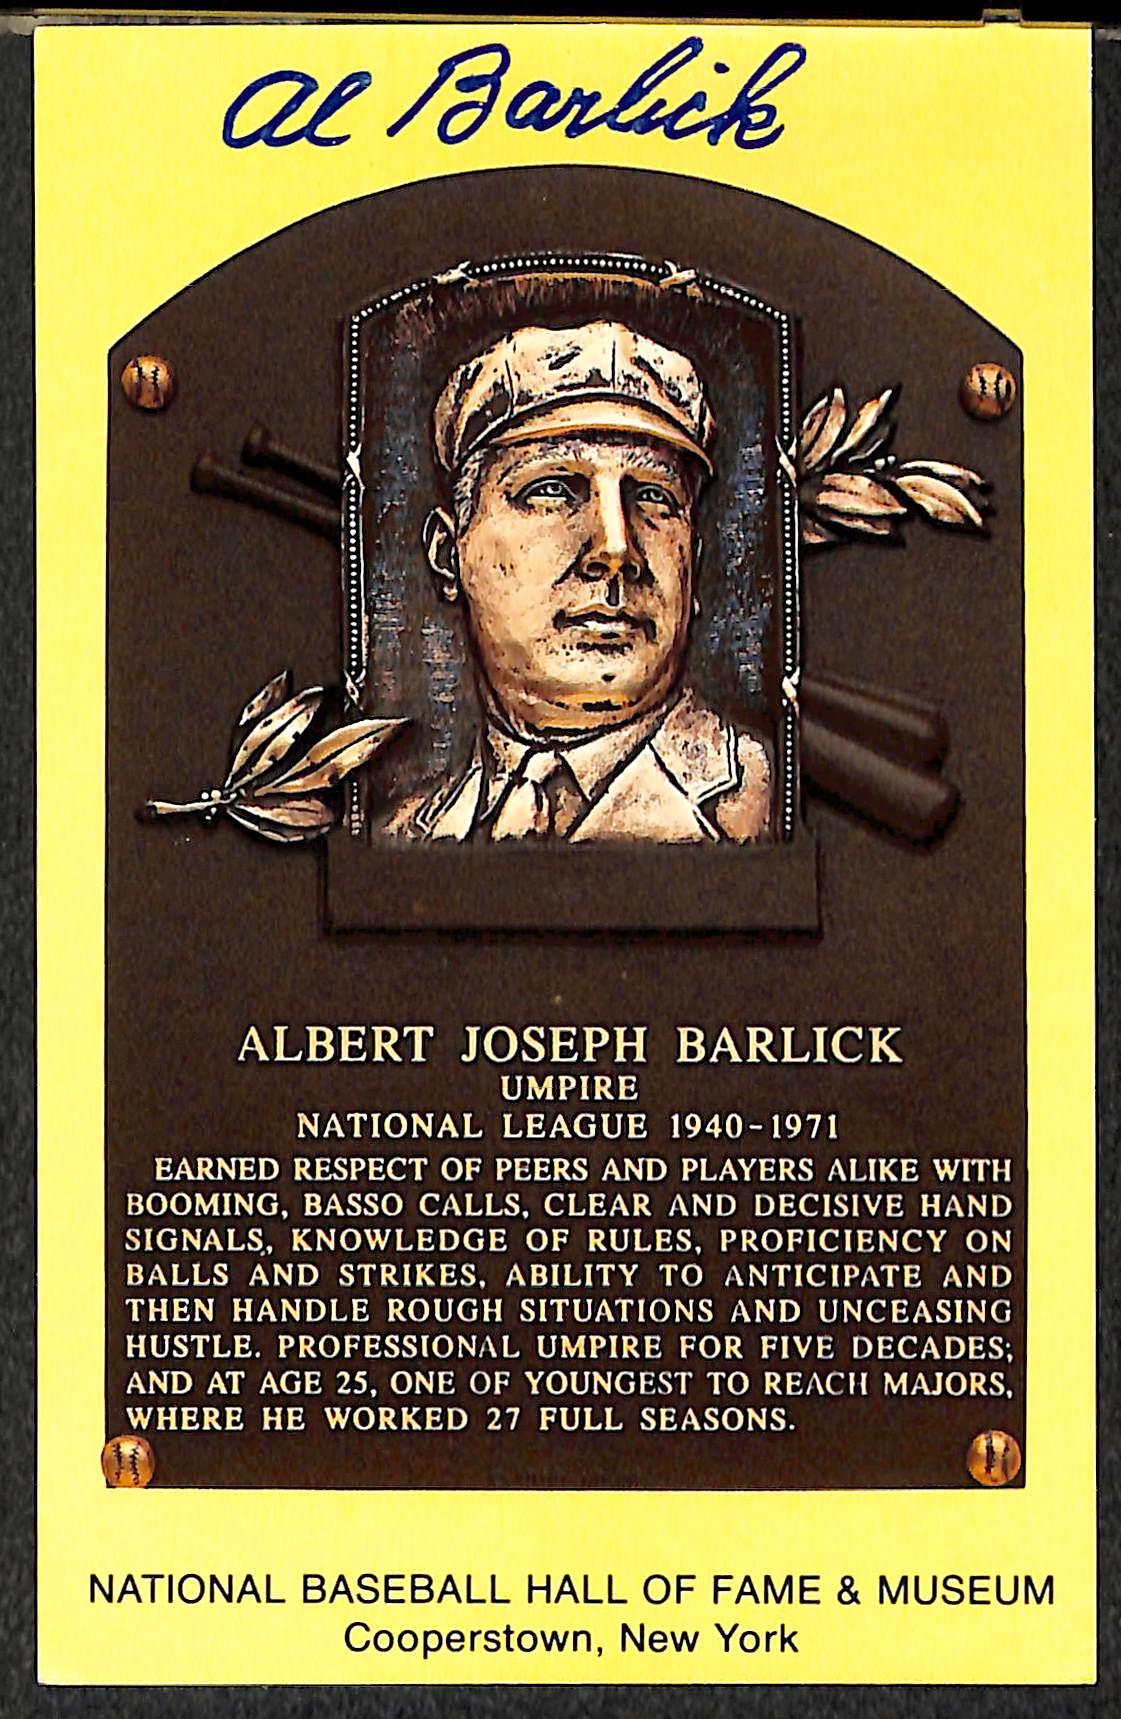 lot detail jocko conlan and al barlick signed baseball hall of fame plaque post cards w jsa. Black Bedroom Furniture Sets. Home Design Ideas